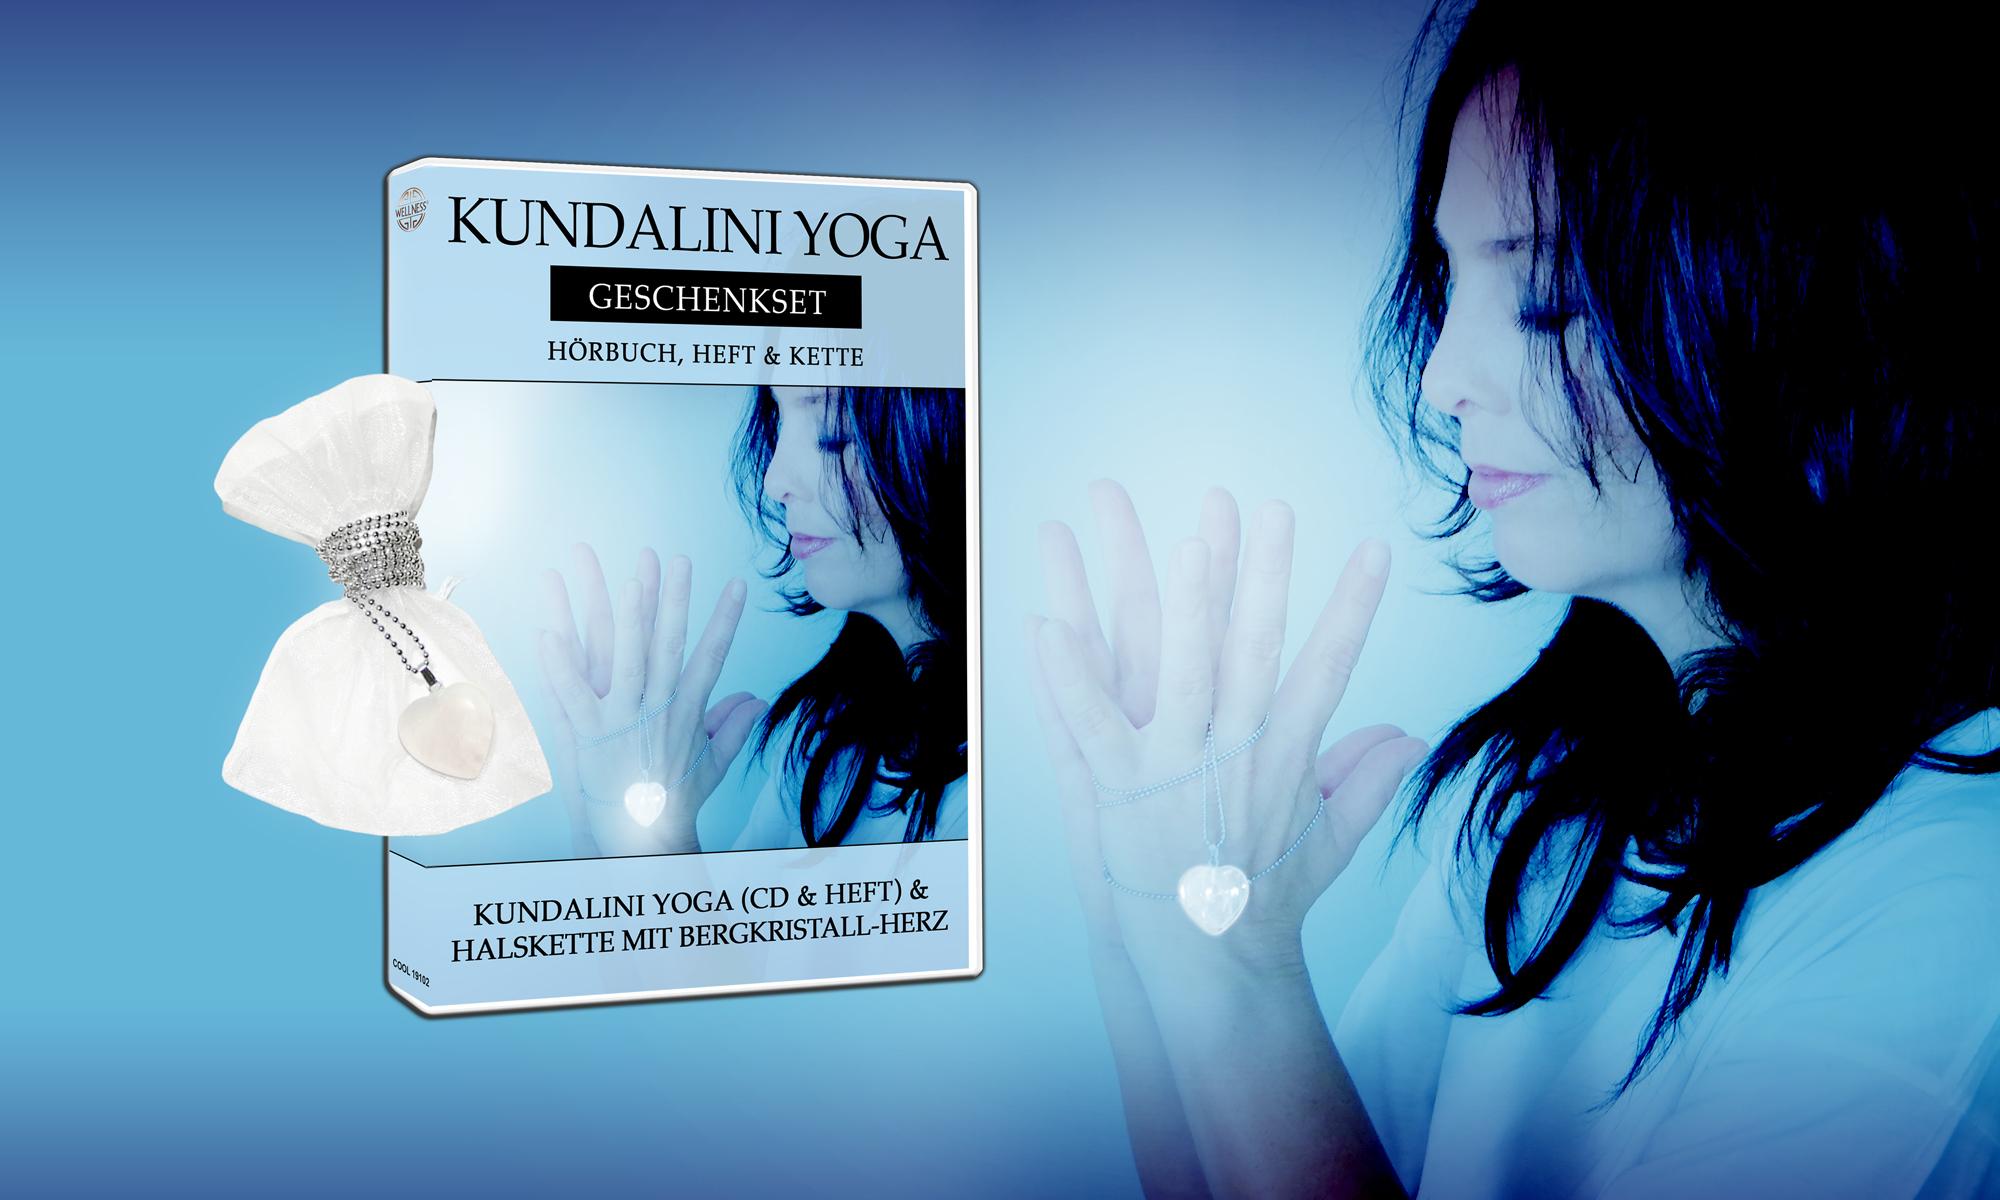 Kundalini Yoga Geschenkset Hörbuch, Heft & Kette